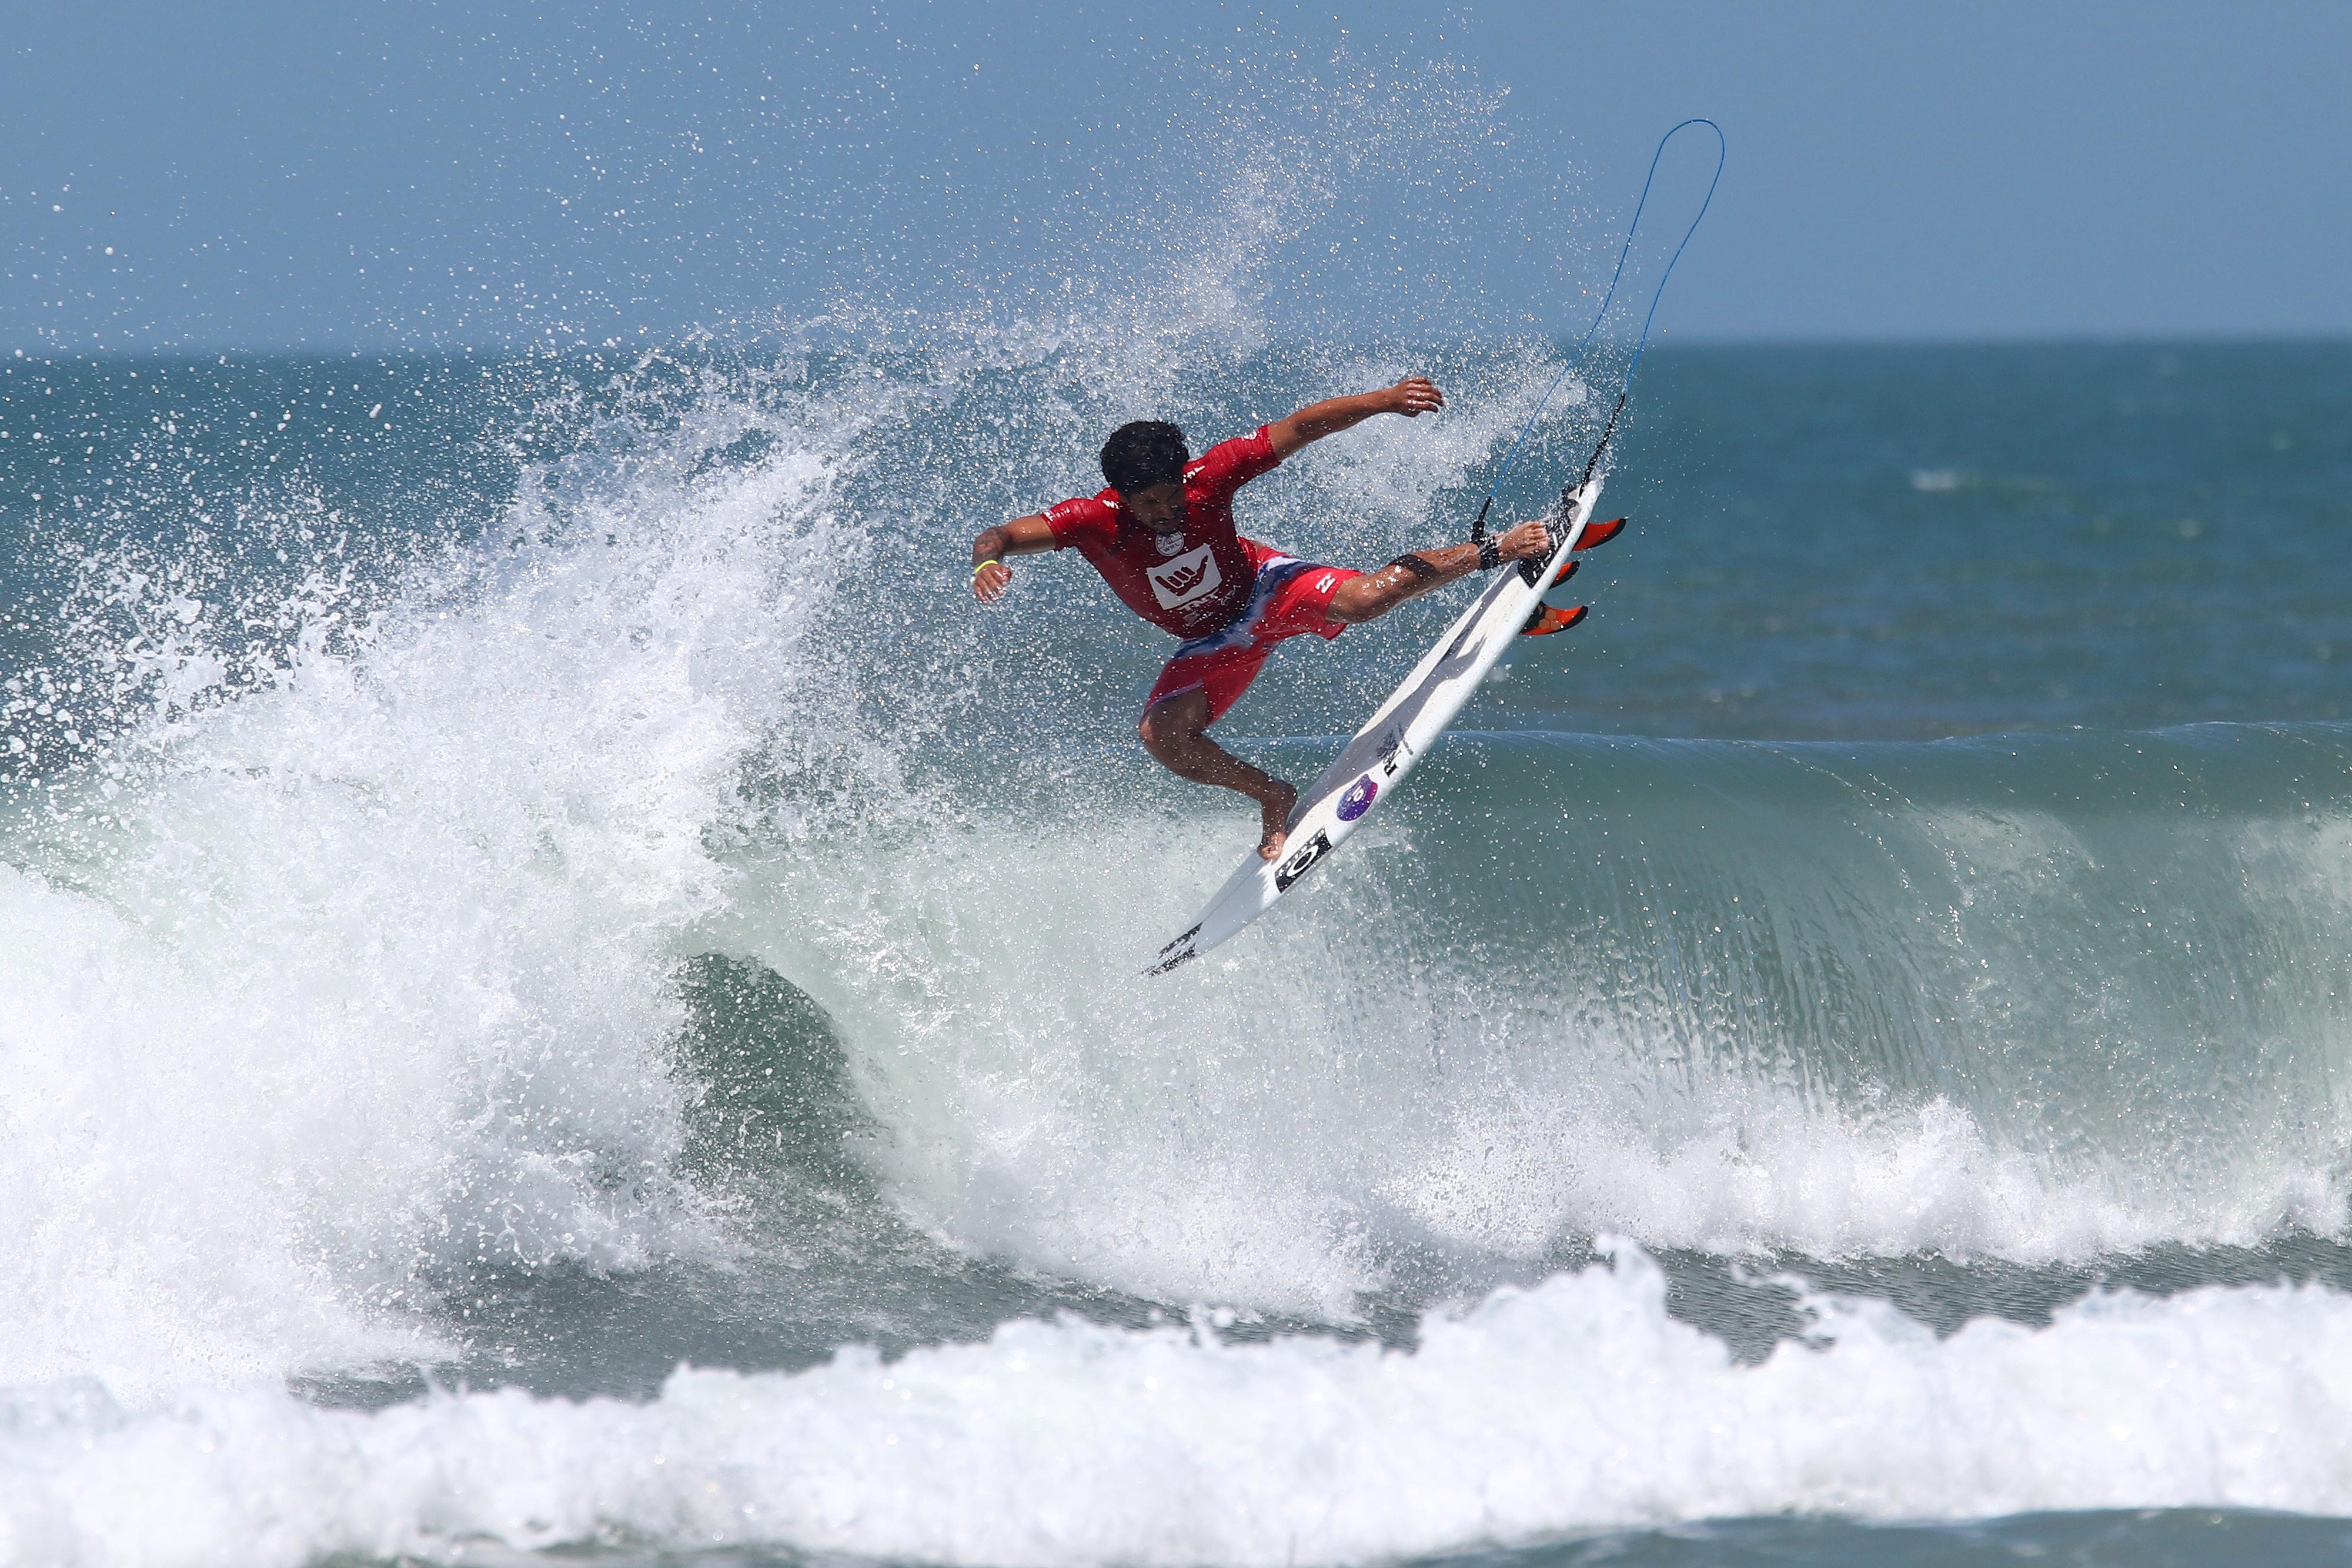 Circuito Mundial De Surf : Ítalo ferreira de baia formosa vence etapa do mundial de surf na